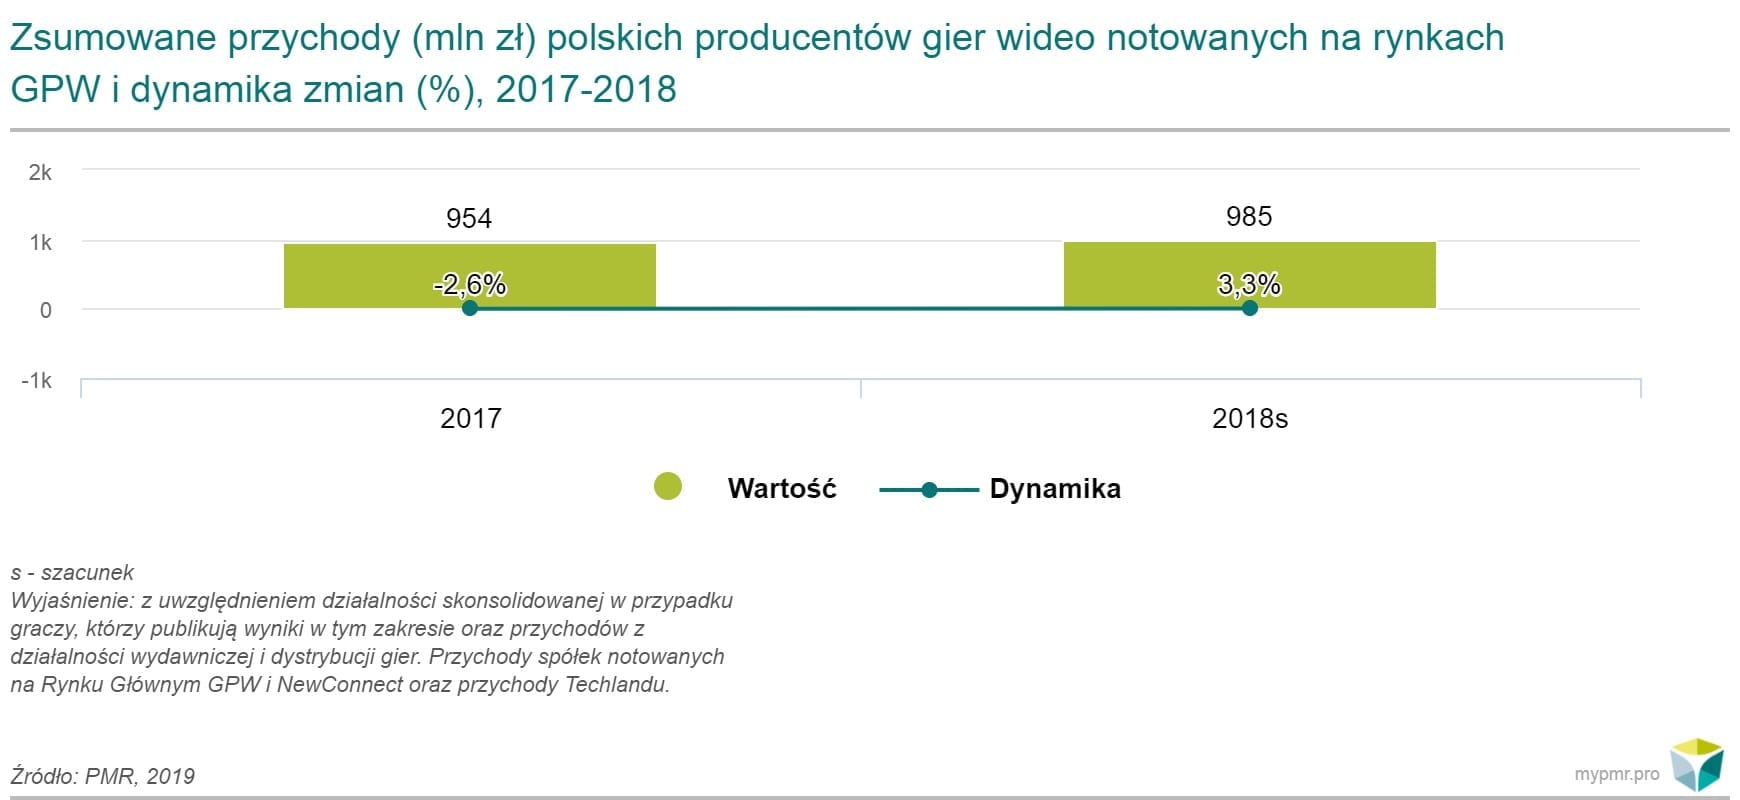 przychody-polskich-producentów-gier